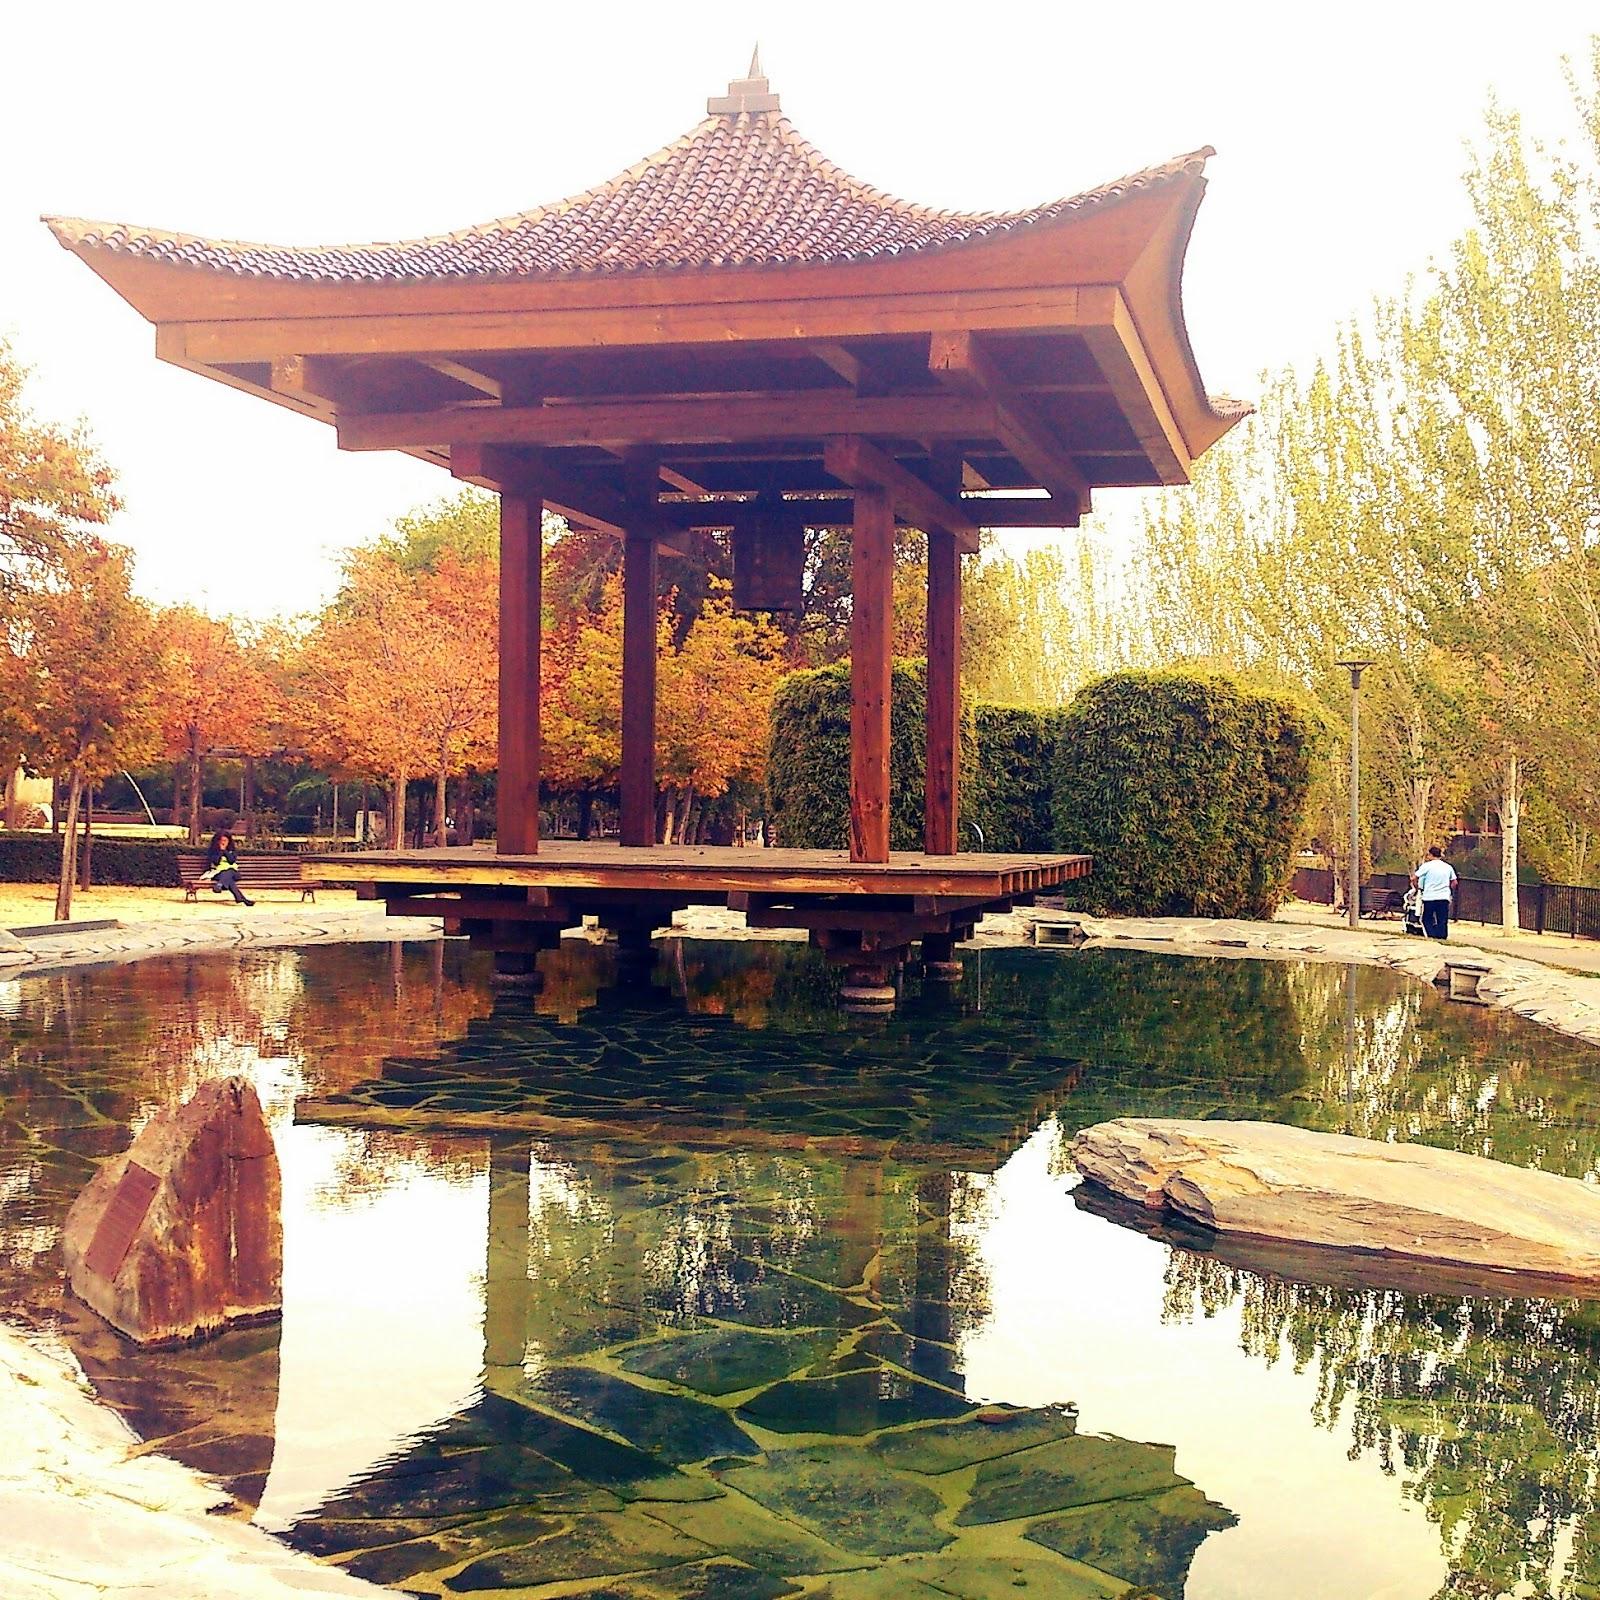 Parque arroyo de la vega alcobendas mientras so aba for Jardin de la vega alcobendas